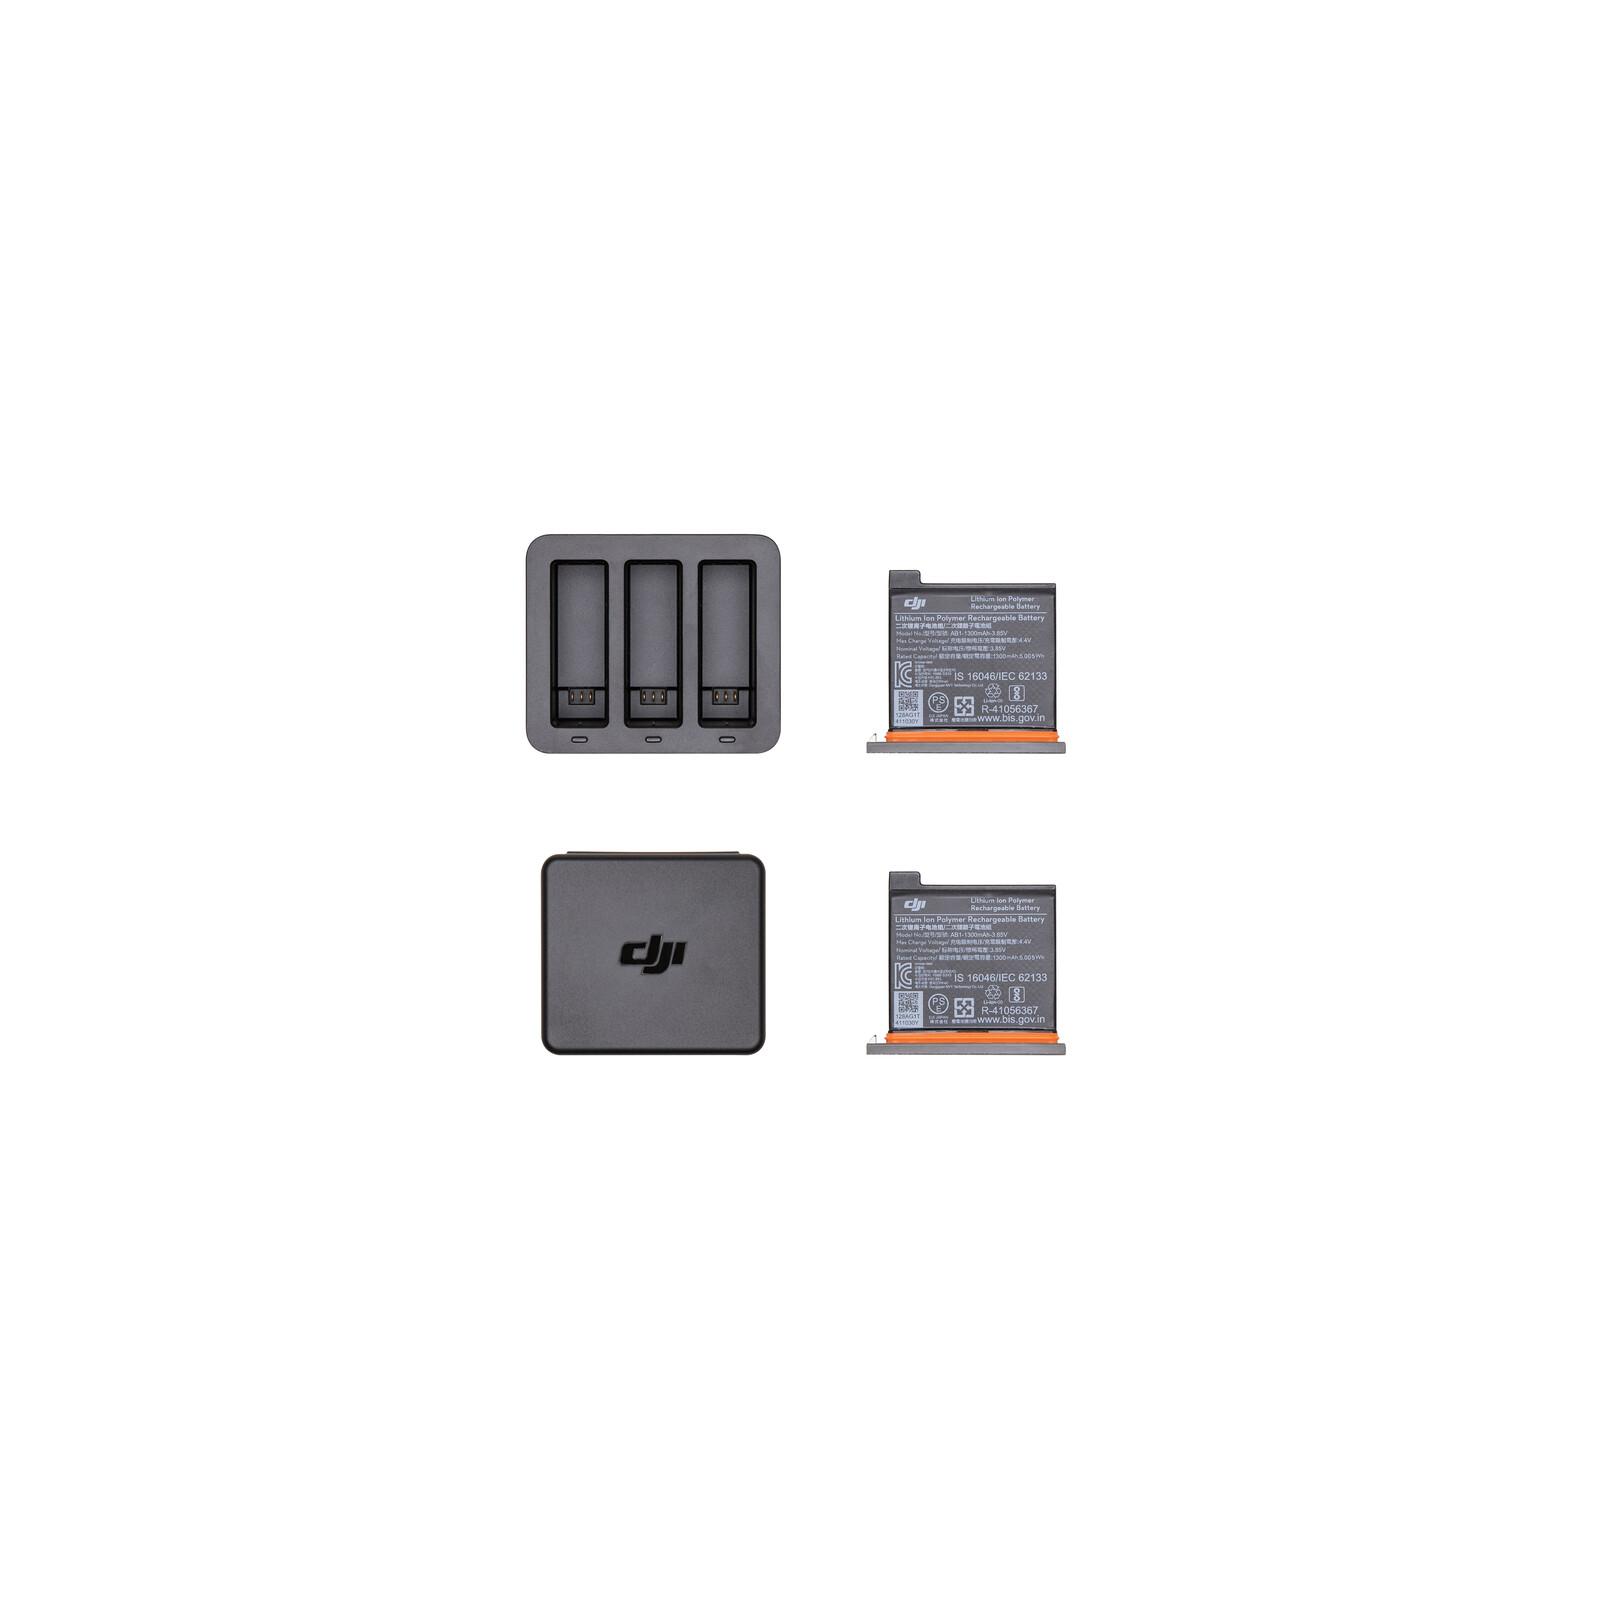 DJI Osmo Action + P3 Charging Kit